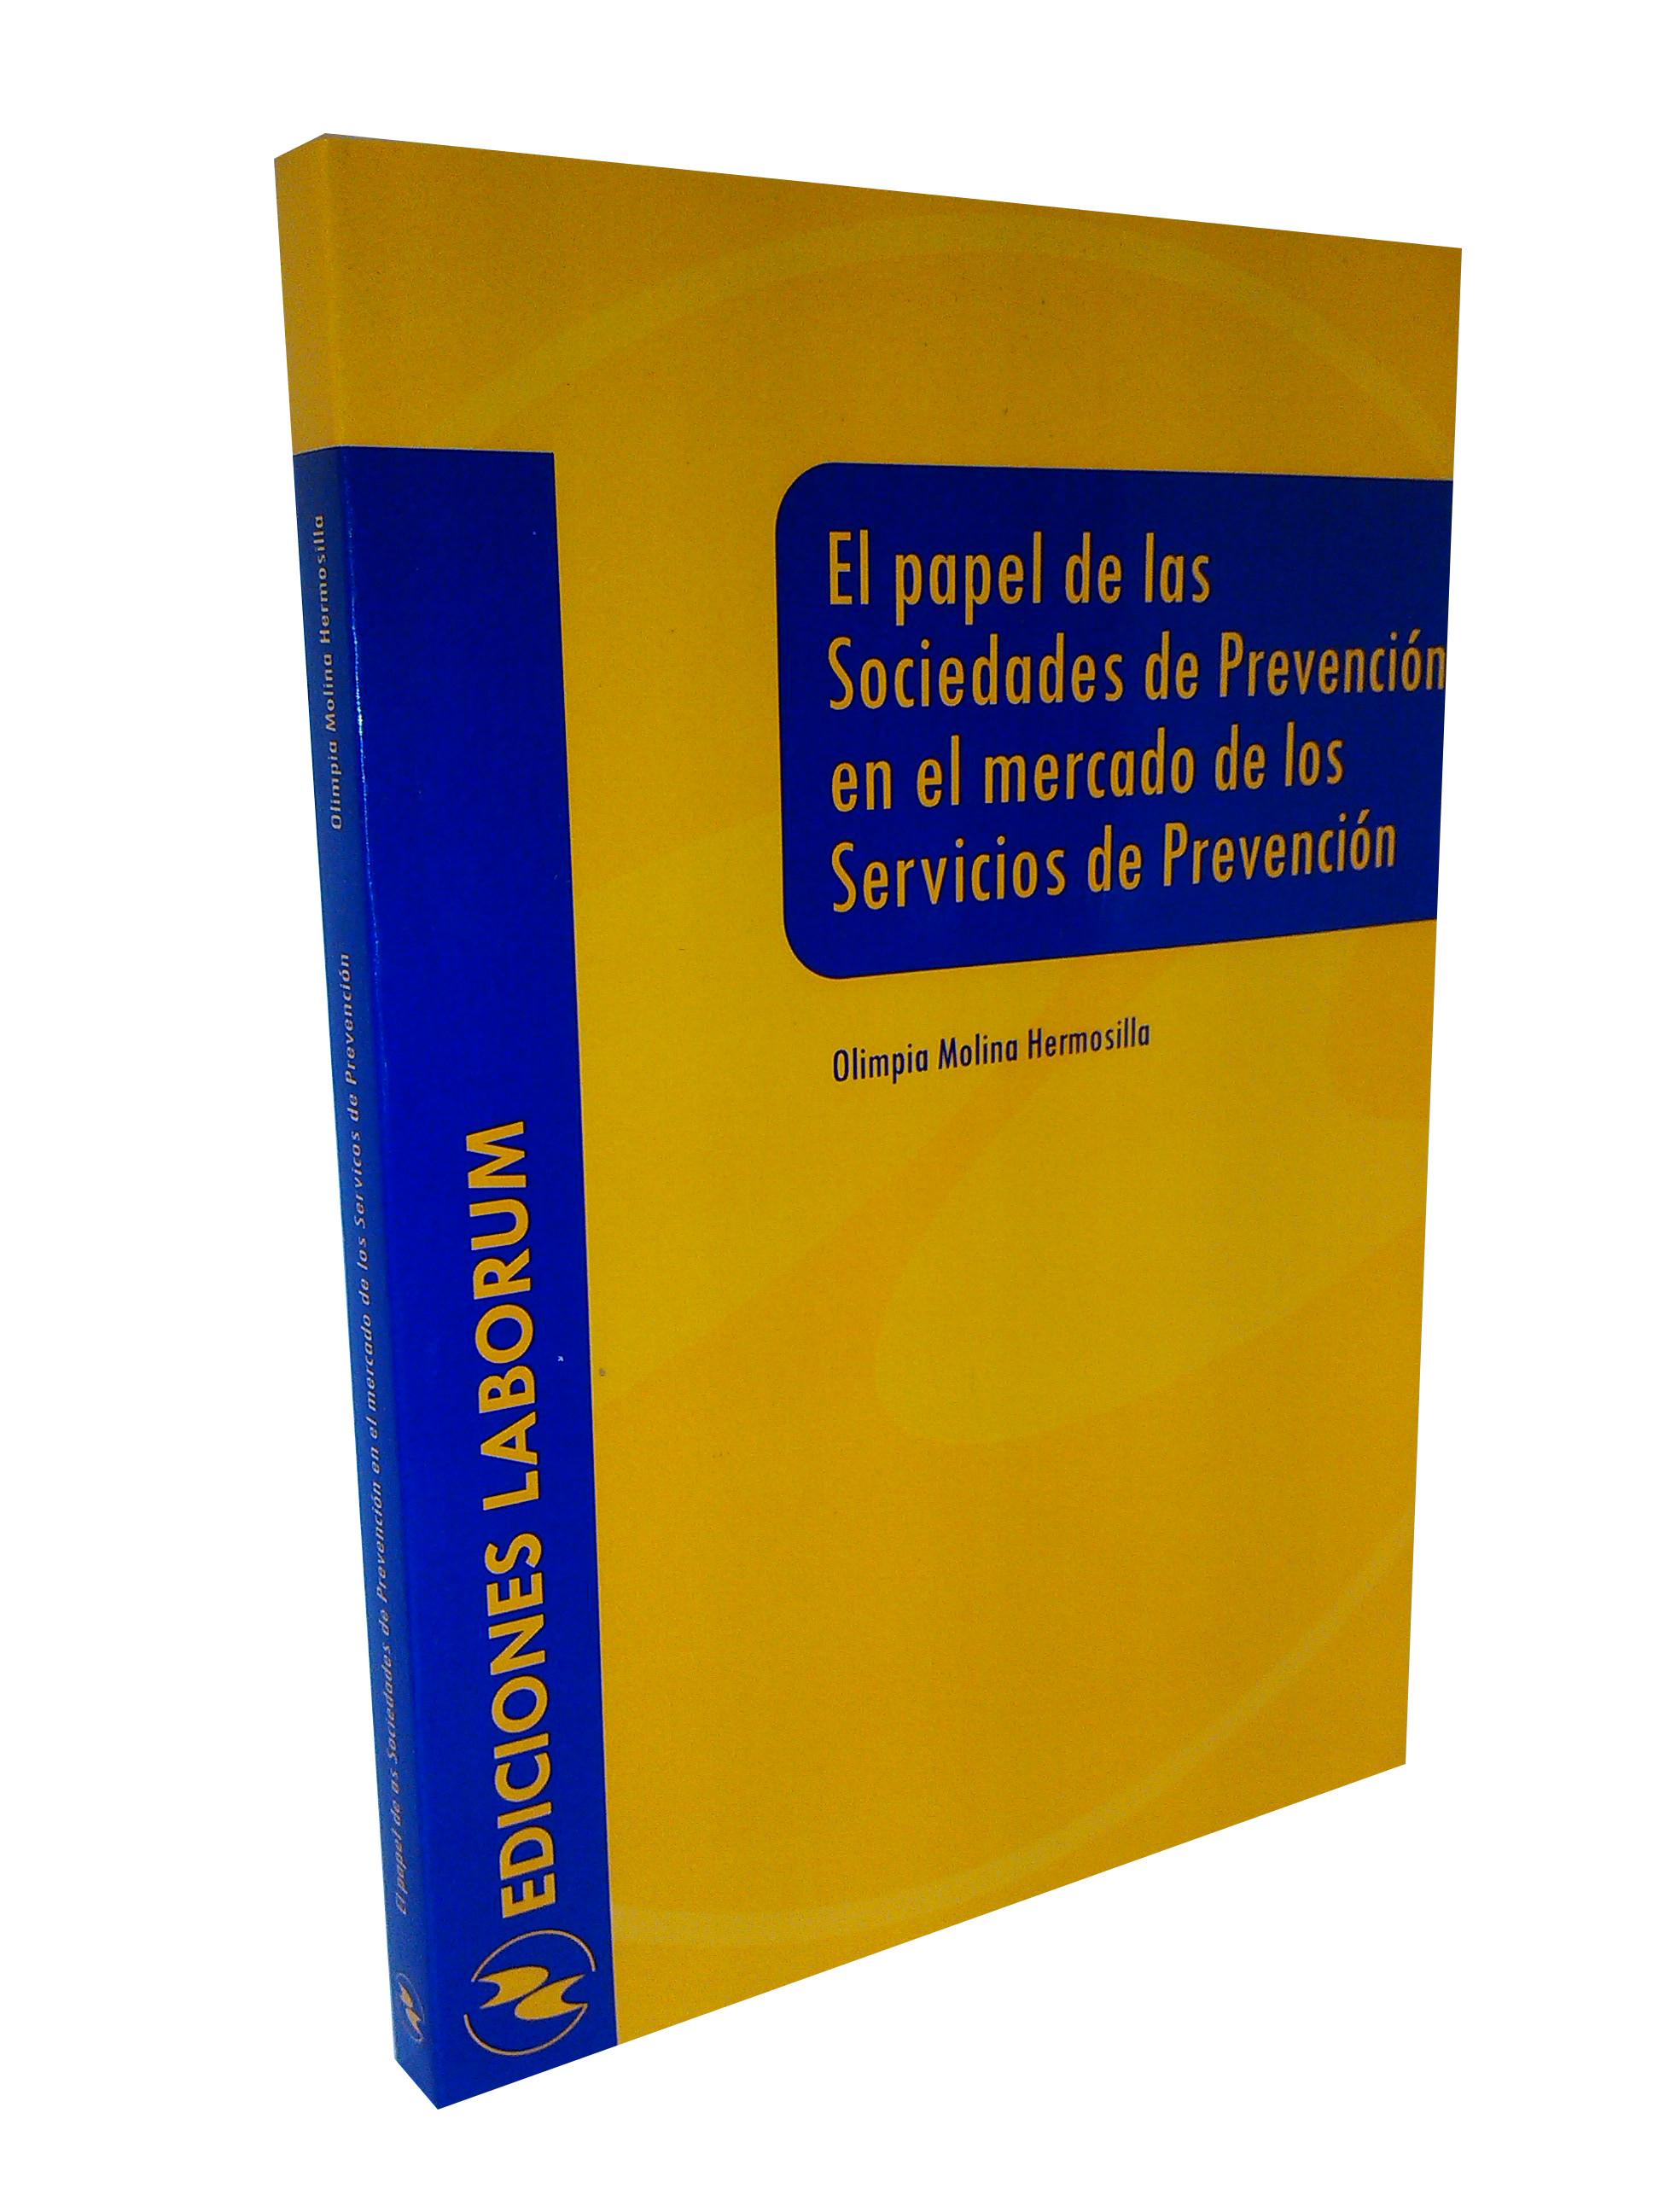 El papel de las Sociedades de Prevención en el mercado de los Servicios de Prevención